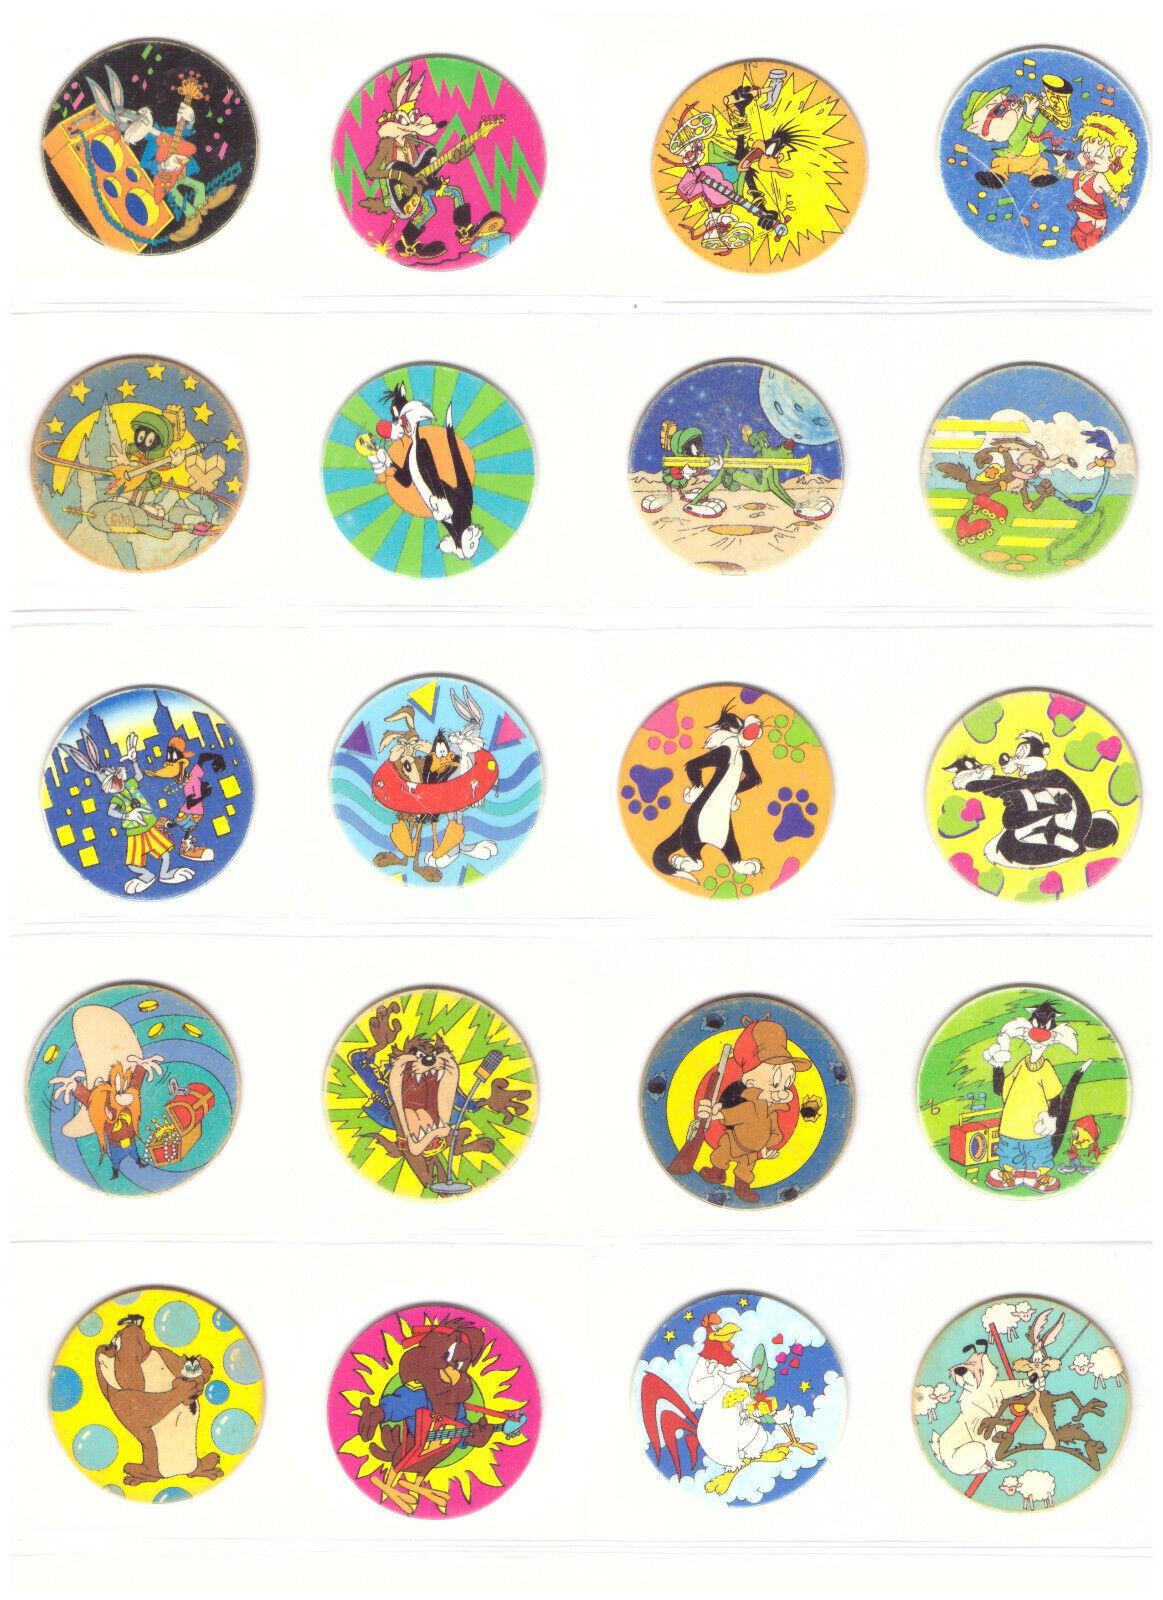 100 TAZOS LOONEY TUNES giocattolo Collection cifras completare giocattoli giocattolo  POGS Bugs Bunny  migliori prezzi e stili più freschi